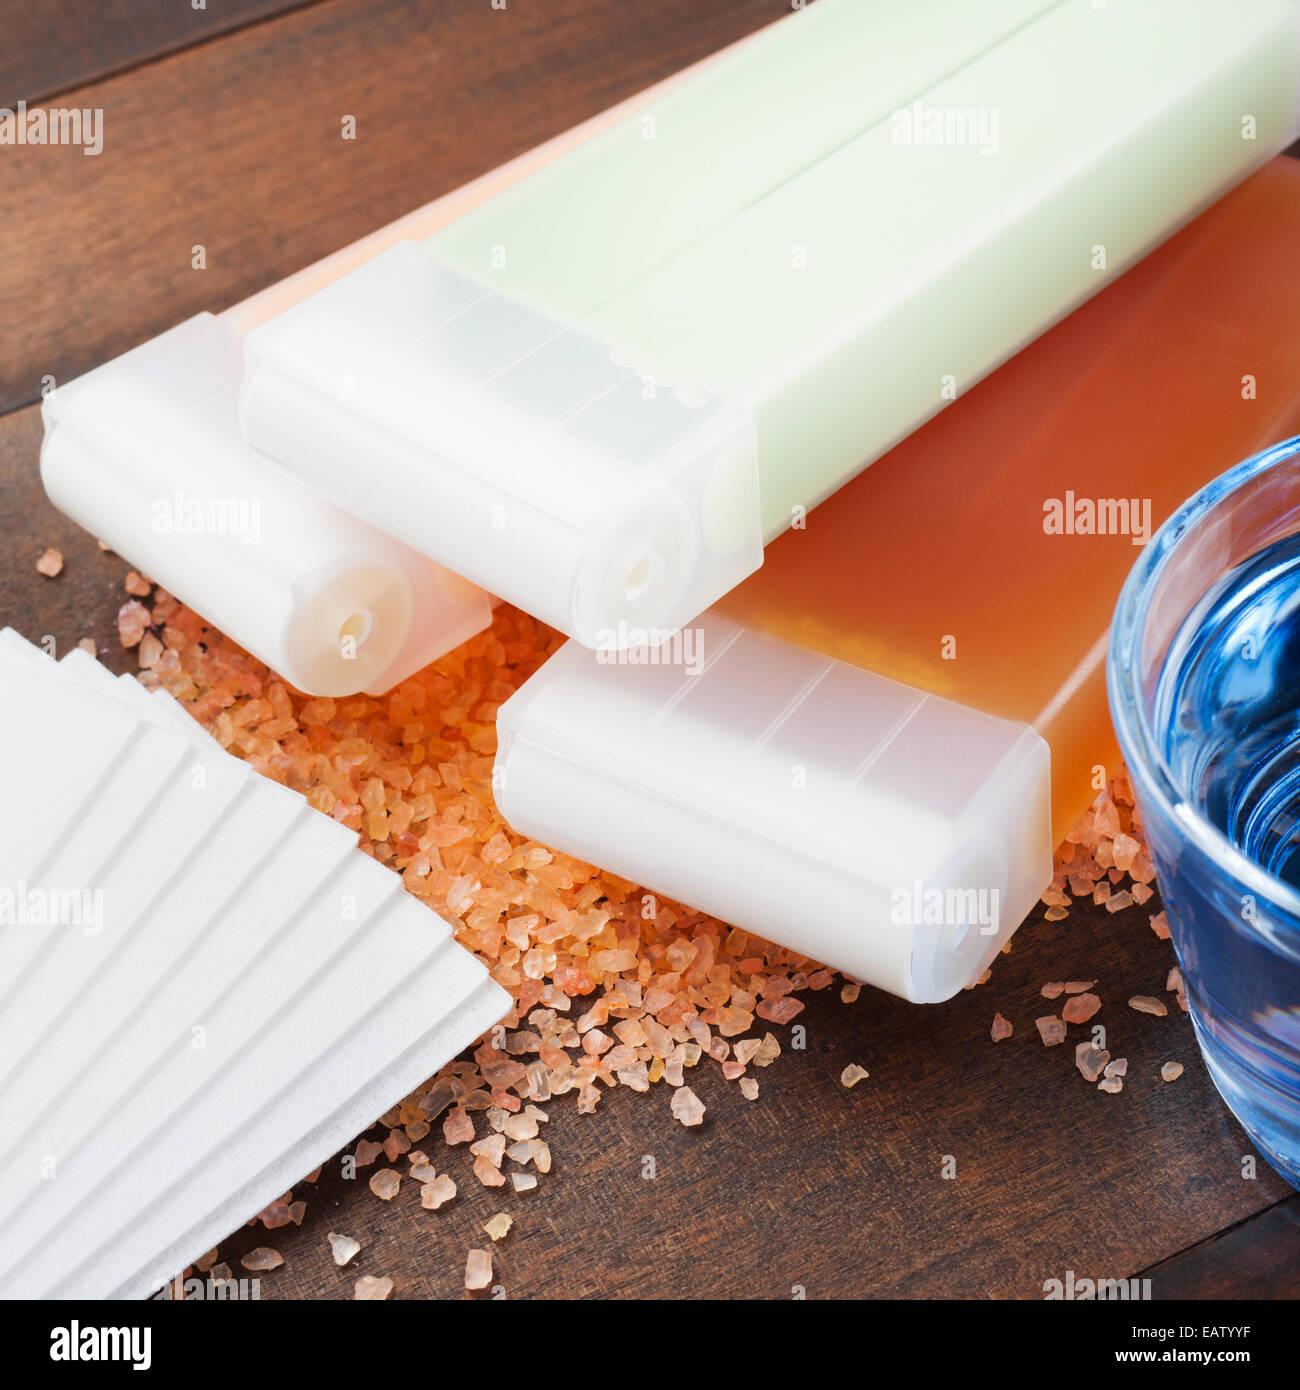 Öl Auf Dem Tisch Stockfotos & Öl Auf Dem Tisch Bilder - Alamy